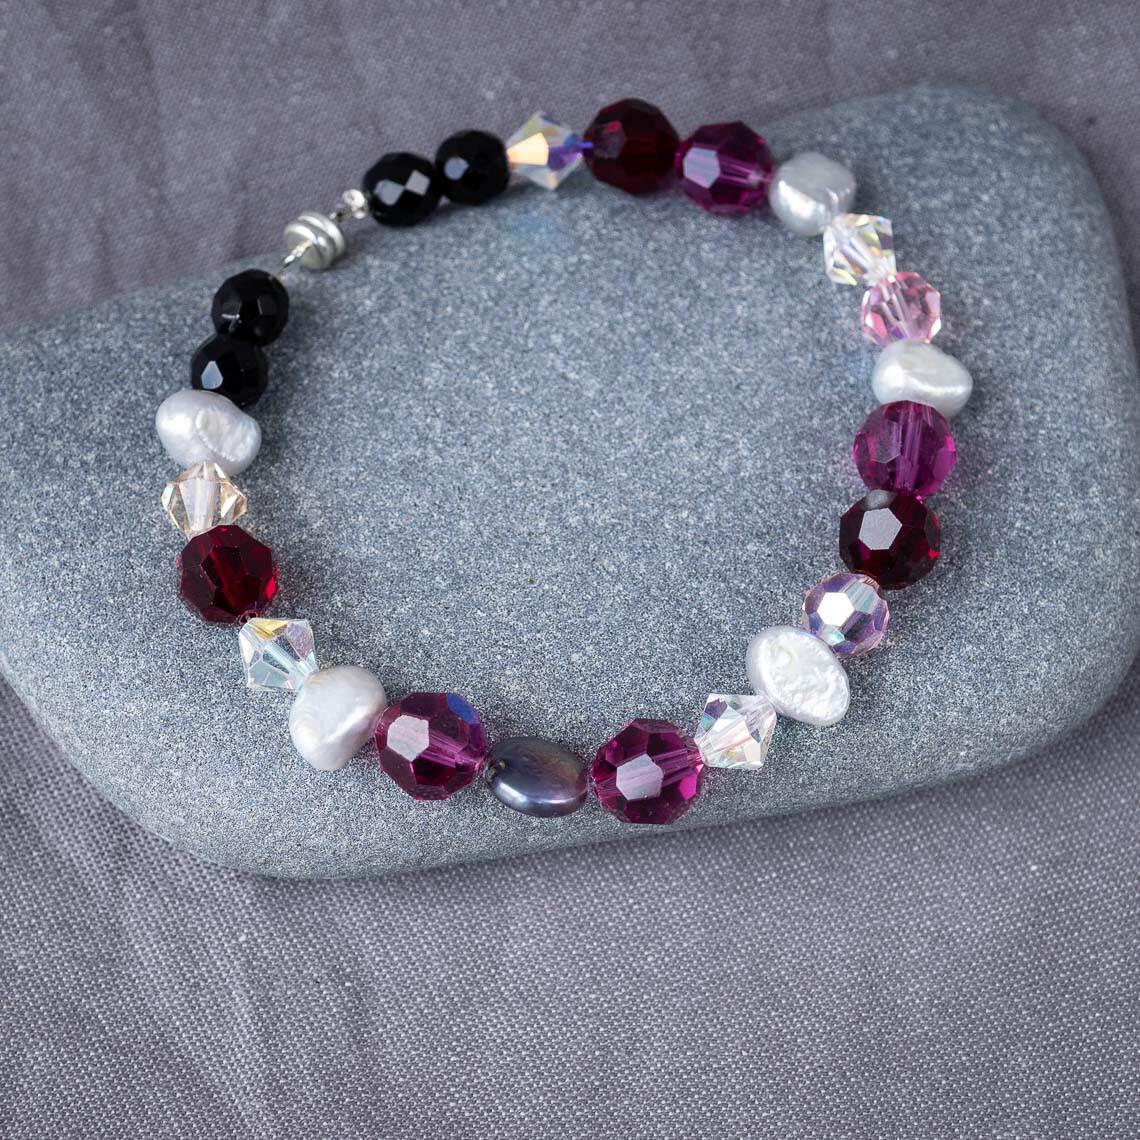 Workshop Schmuck Aufgezogen Perlen aufziehen Inividuell Individualschmuck Armband